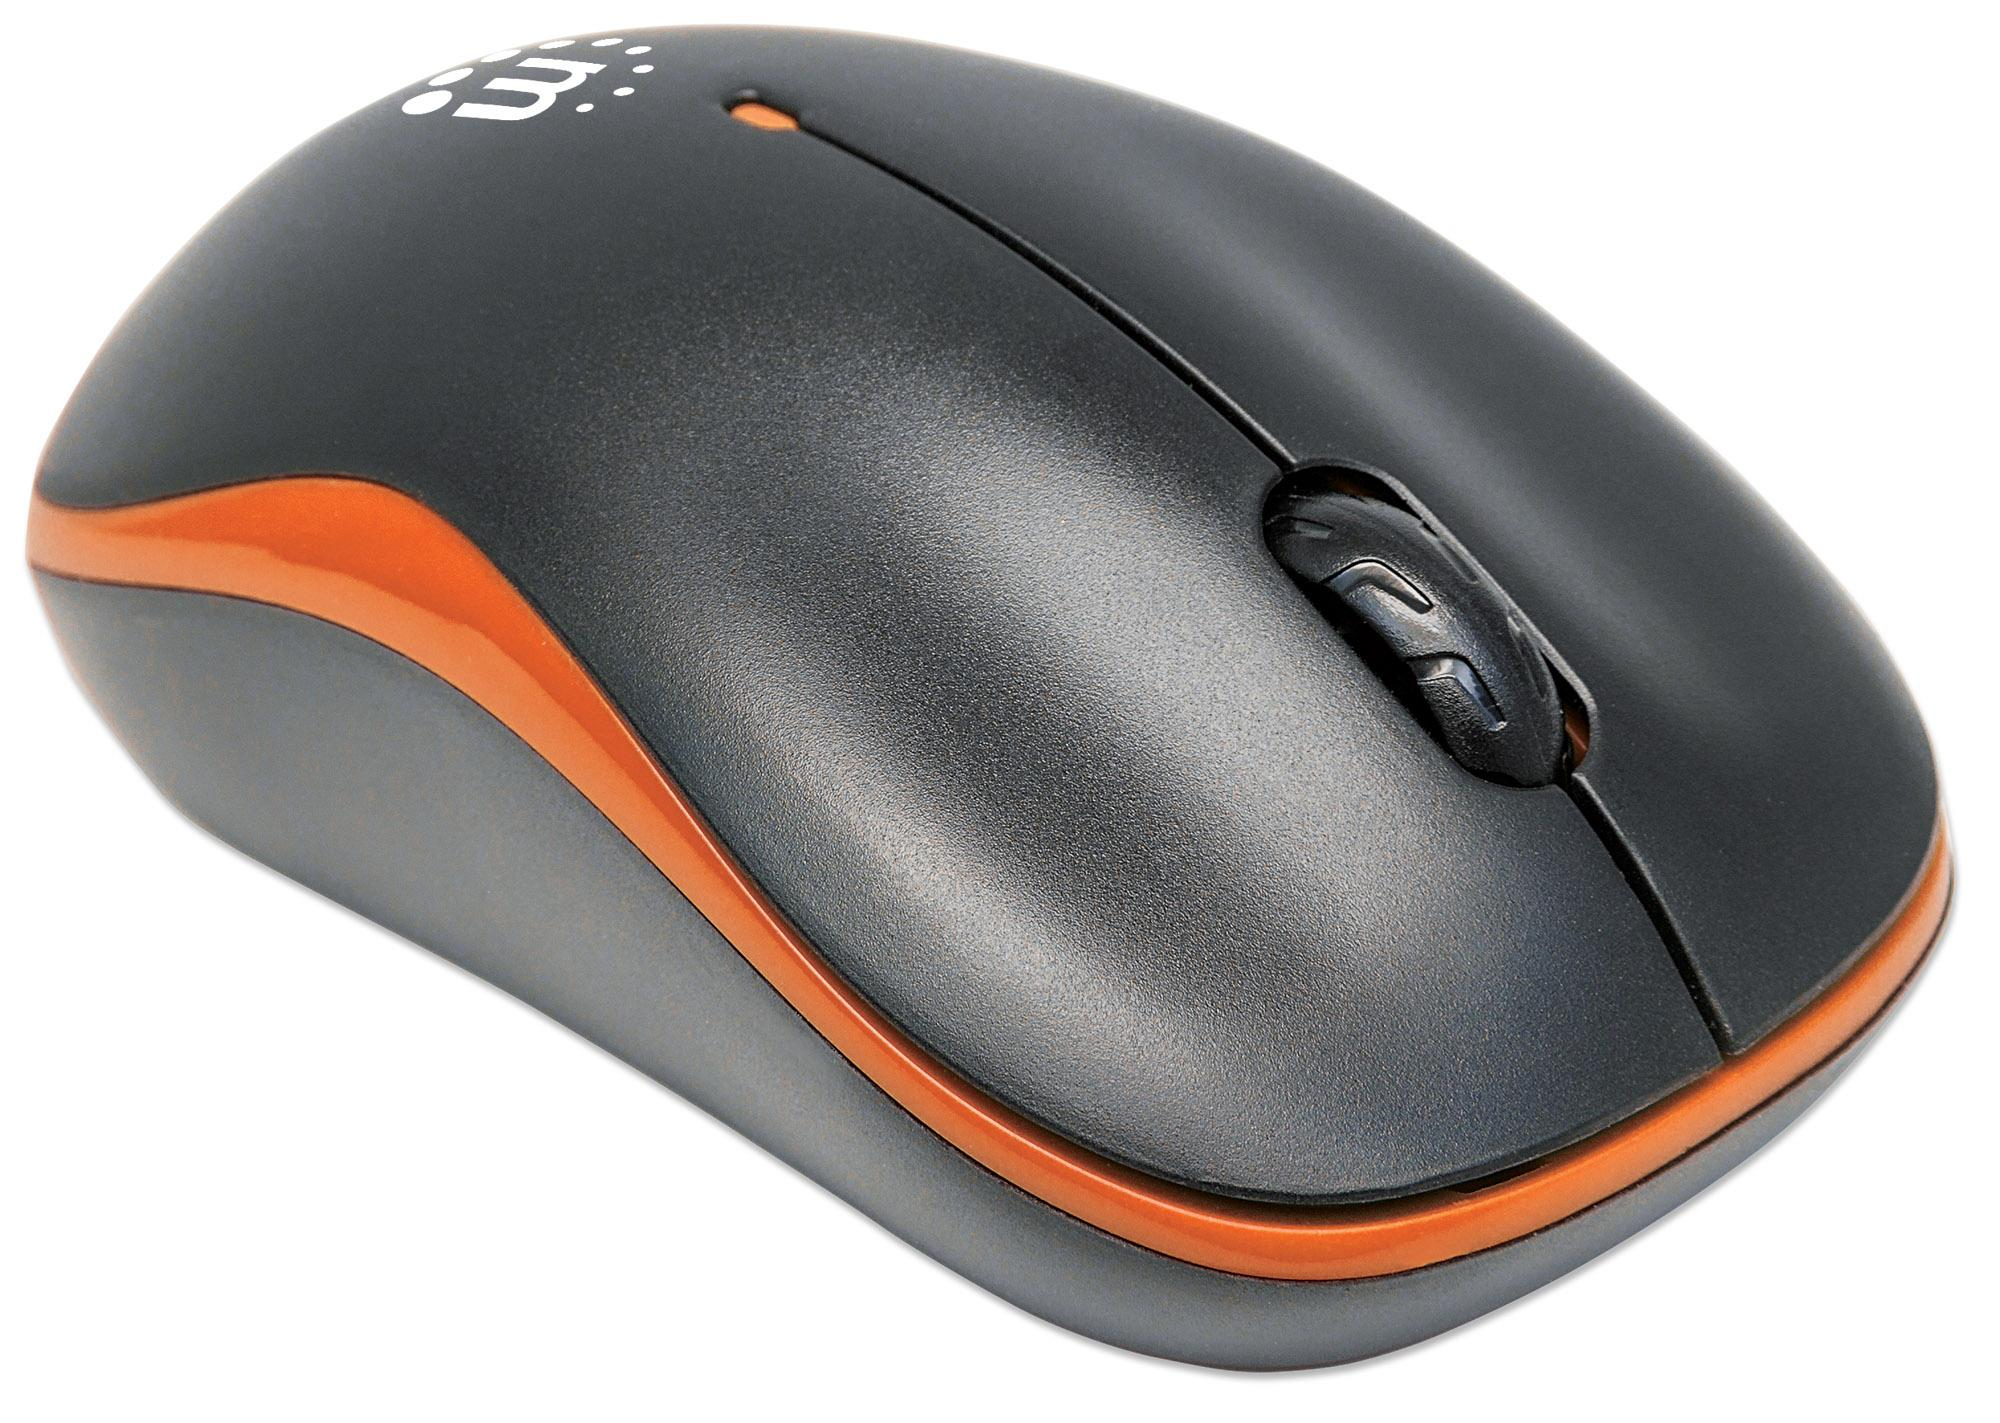 Mouse Ottico Wireless con Micro Ricevitore USB 1000dpi Nero/Aran